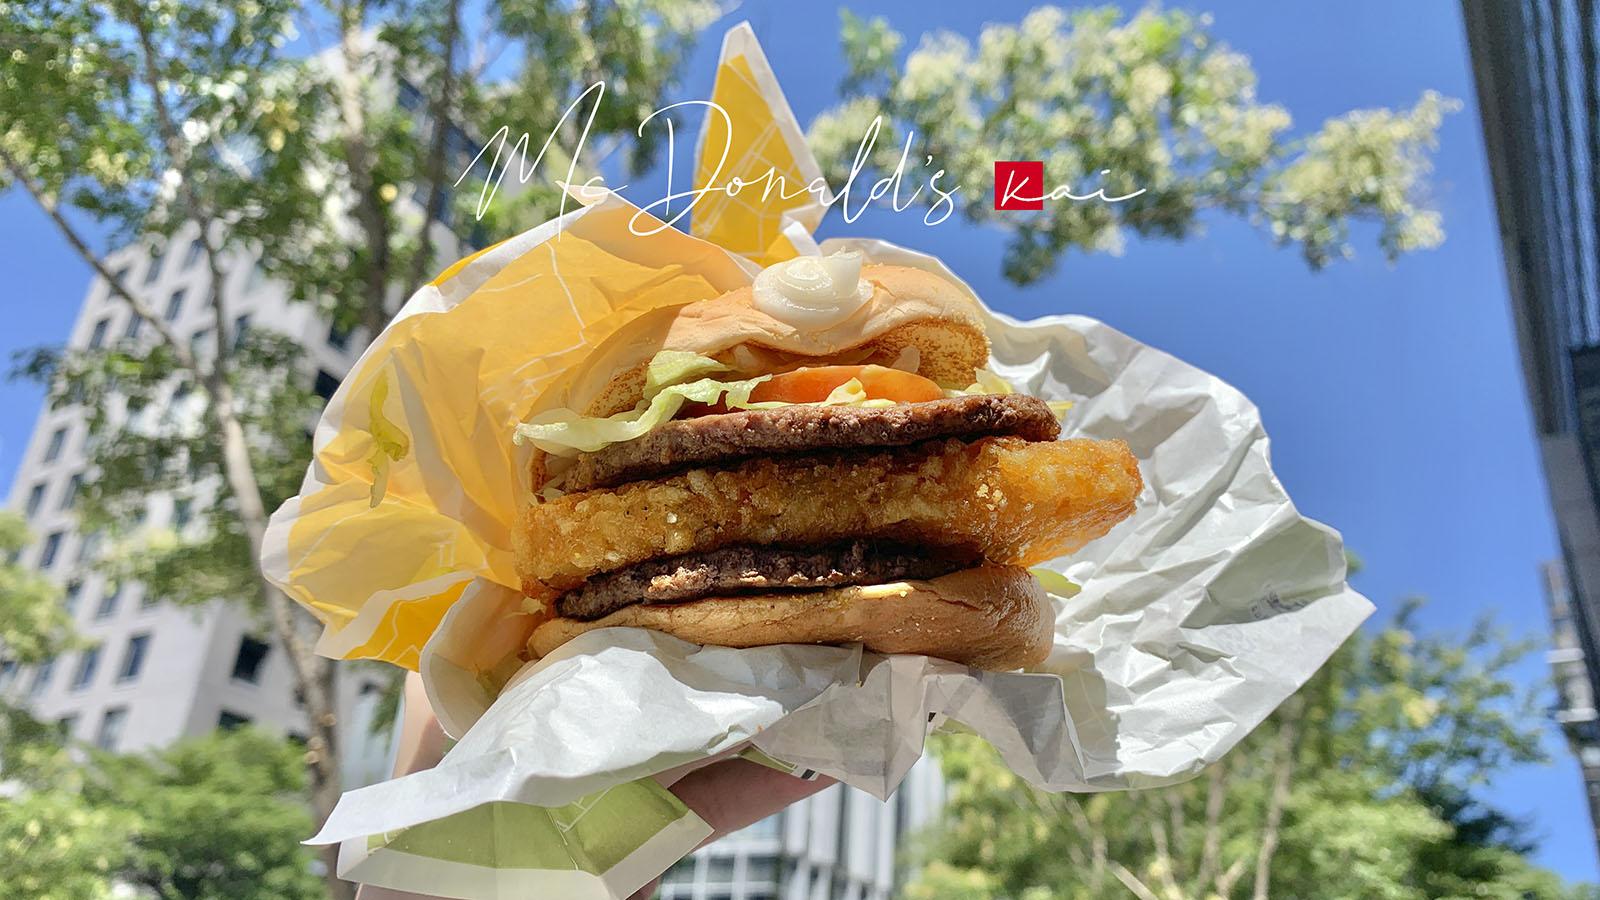 延伸閱讀:☆【美食】麥當勞起司脆薯雙牛堡開箱!「大麥克夾薯餅」無誤